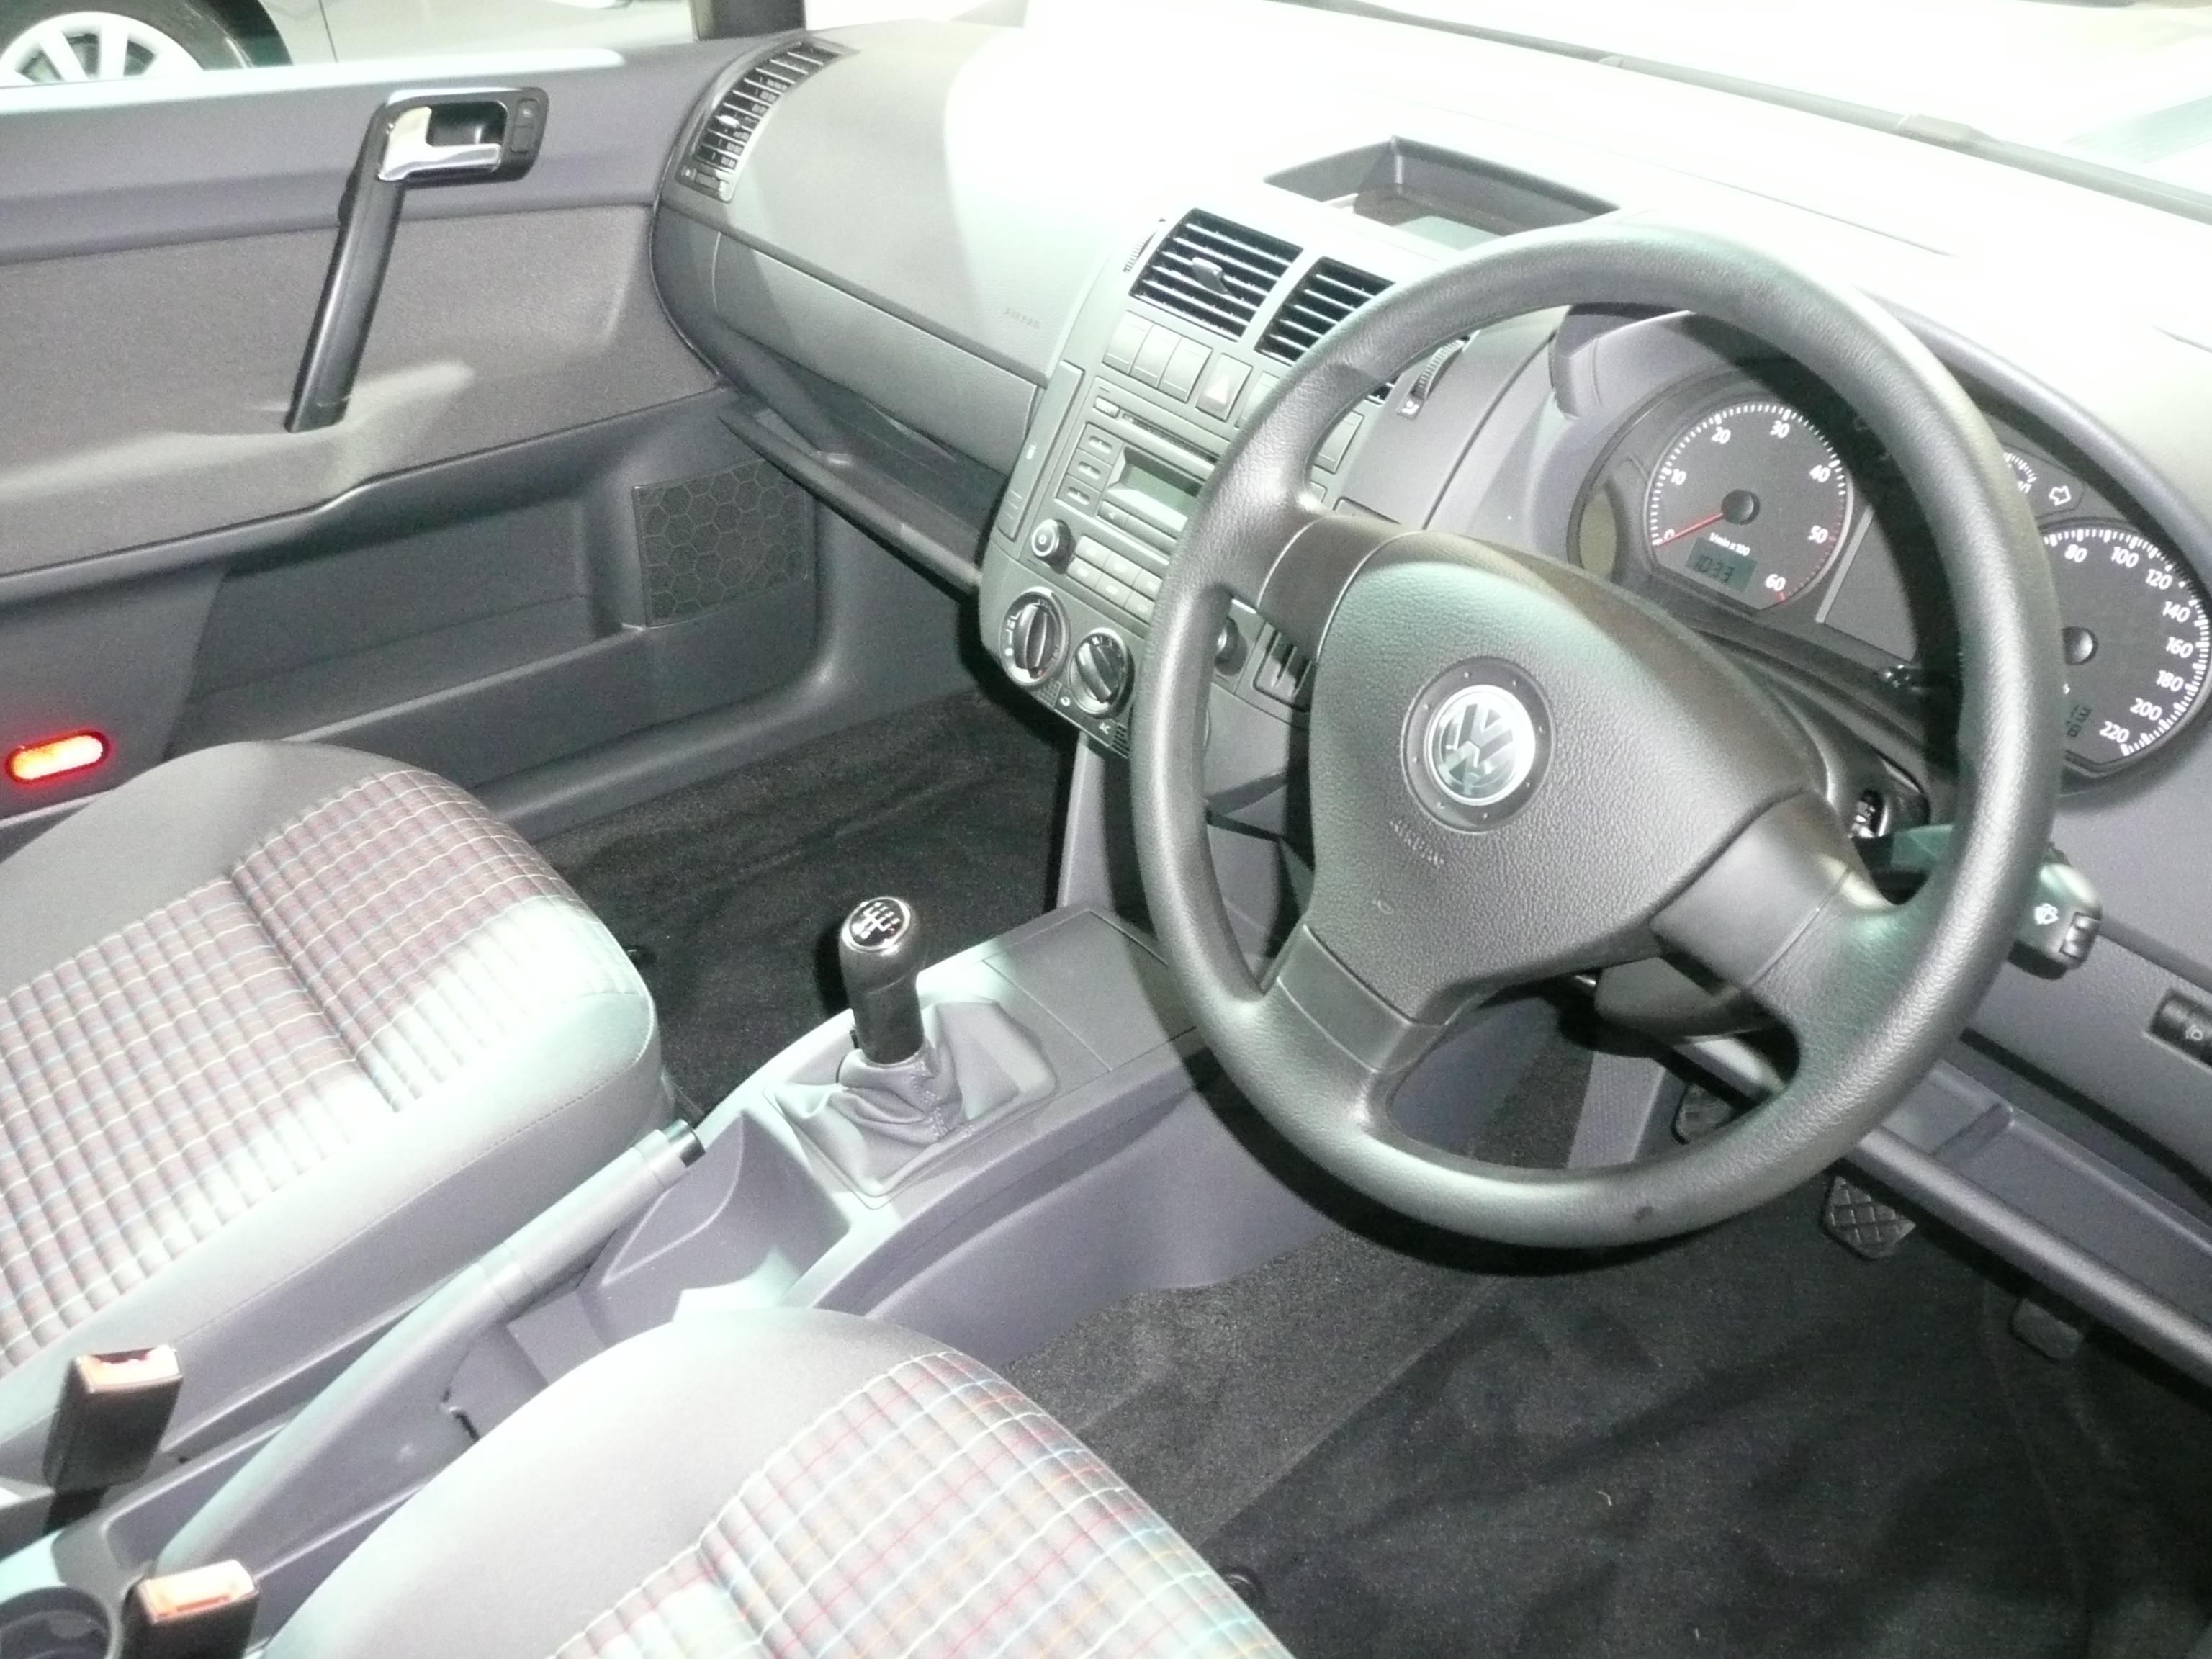 File:2006-2008 Volkswagen Polo IV BlueMotion 5-door hatchback 04.jpg ...